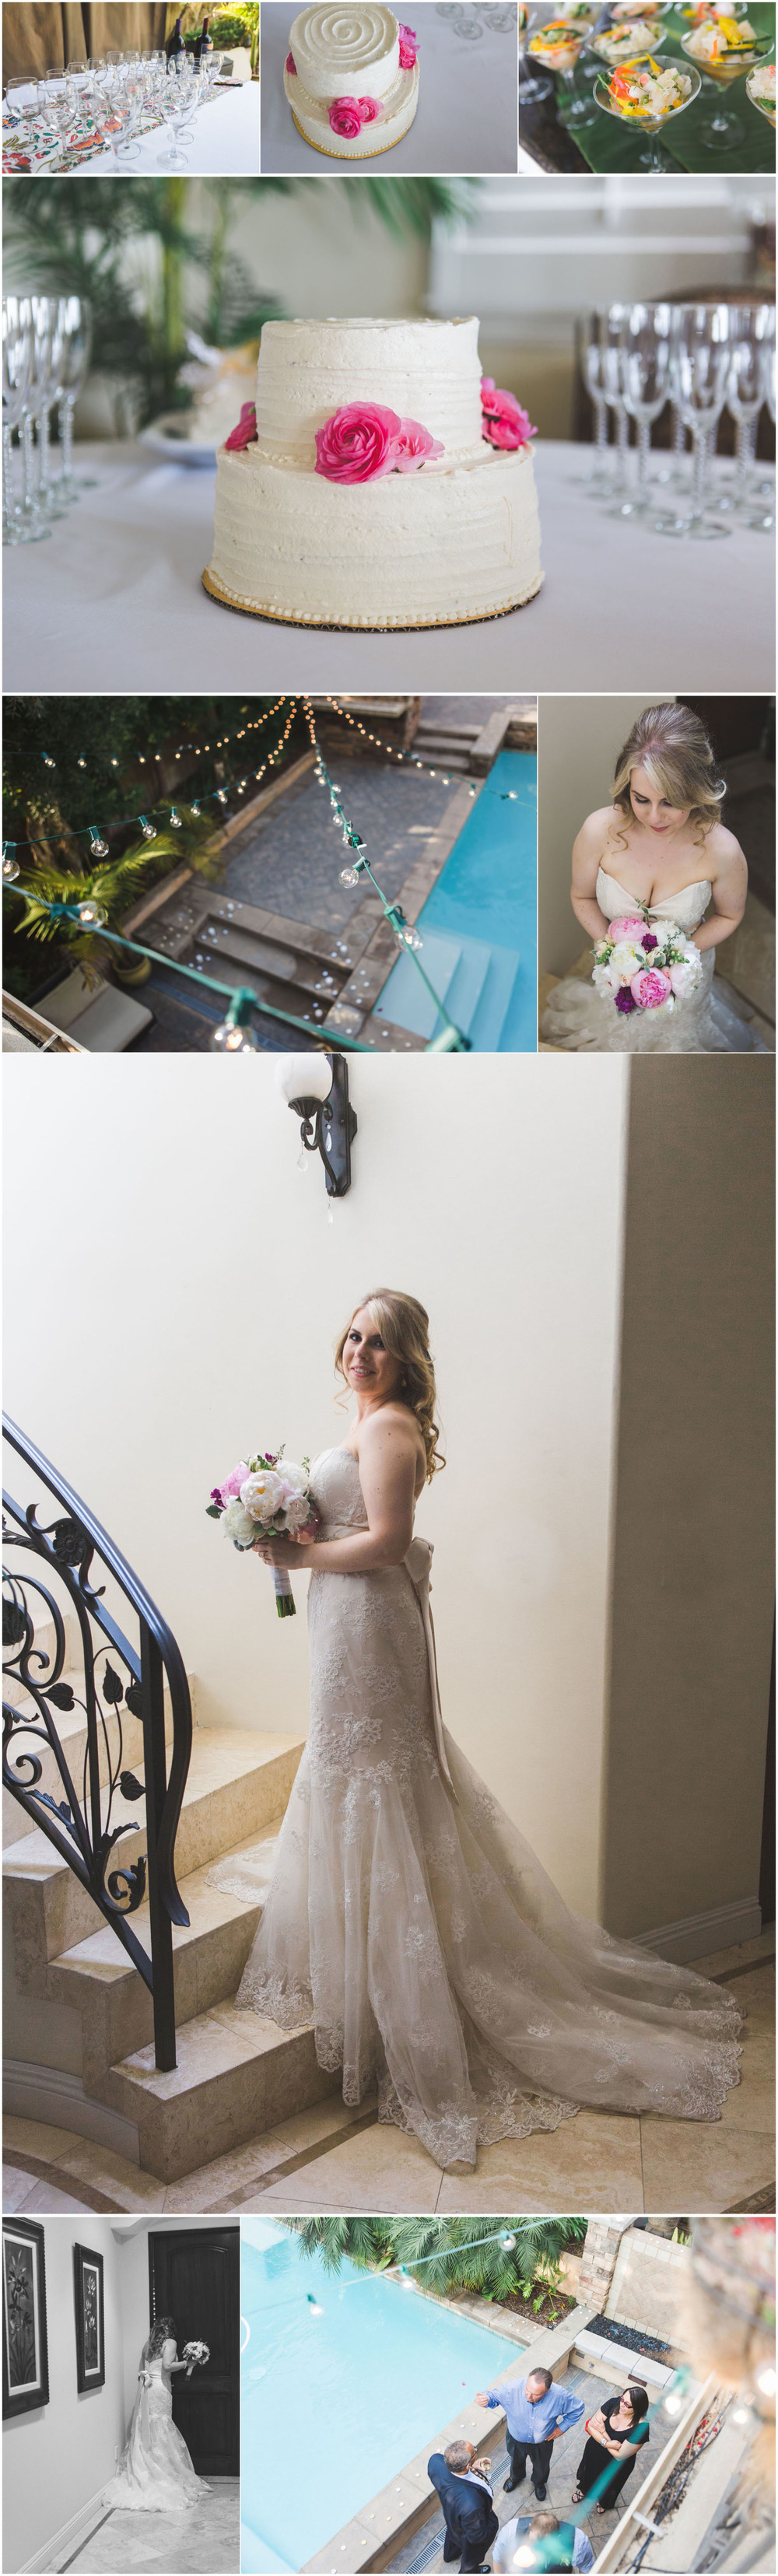 ashley vos photography seattle area wedding photographer courthouse wedding backyard wedding seattle washington_0114.jpg